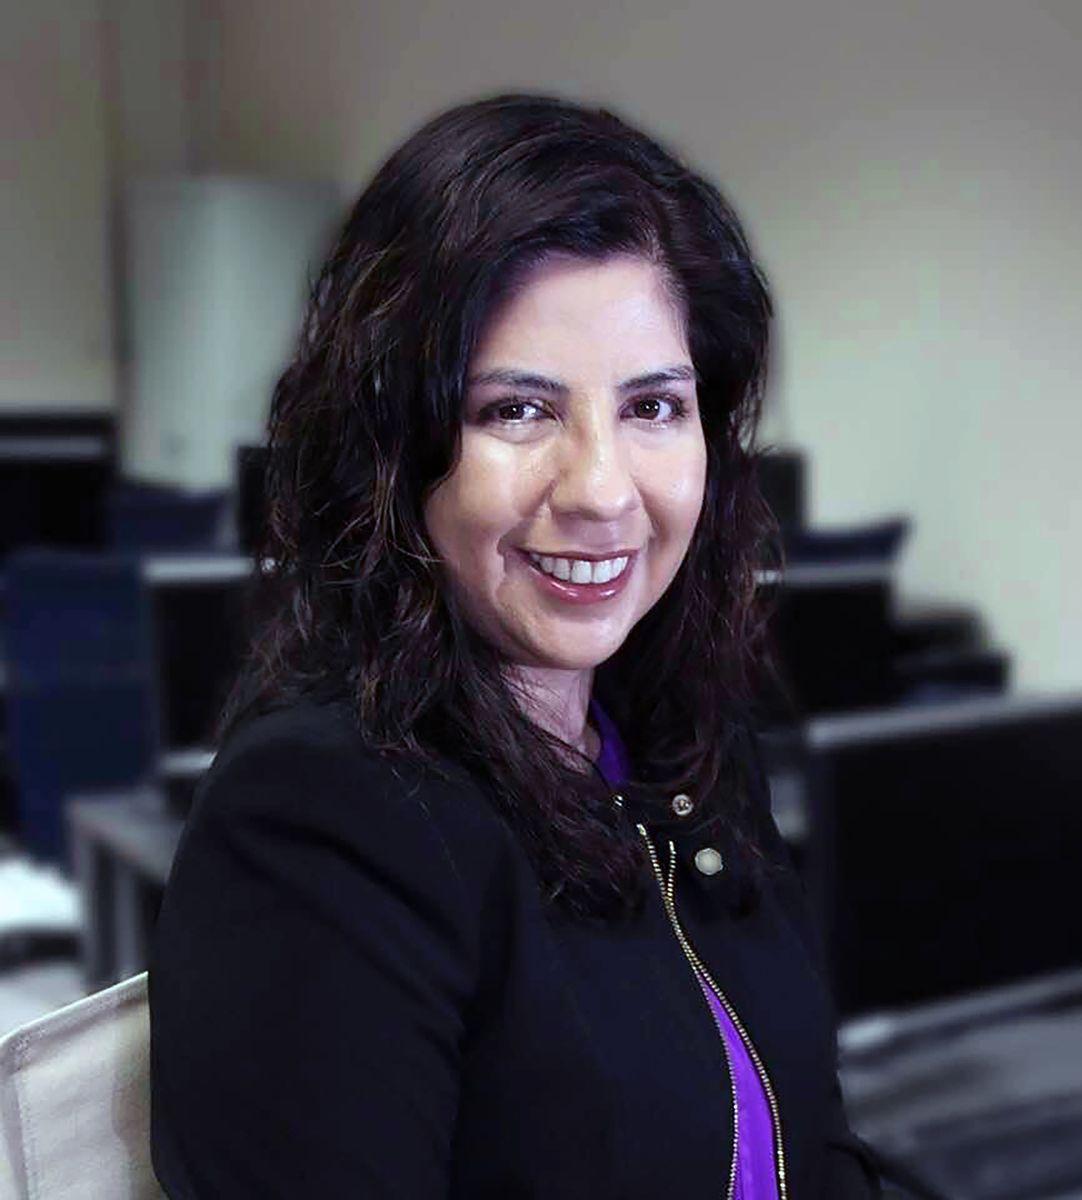 Ana-Christina Ramón